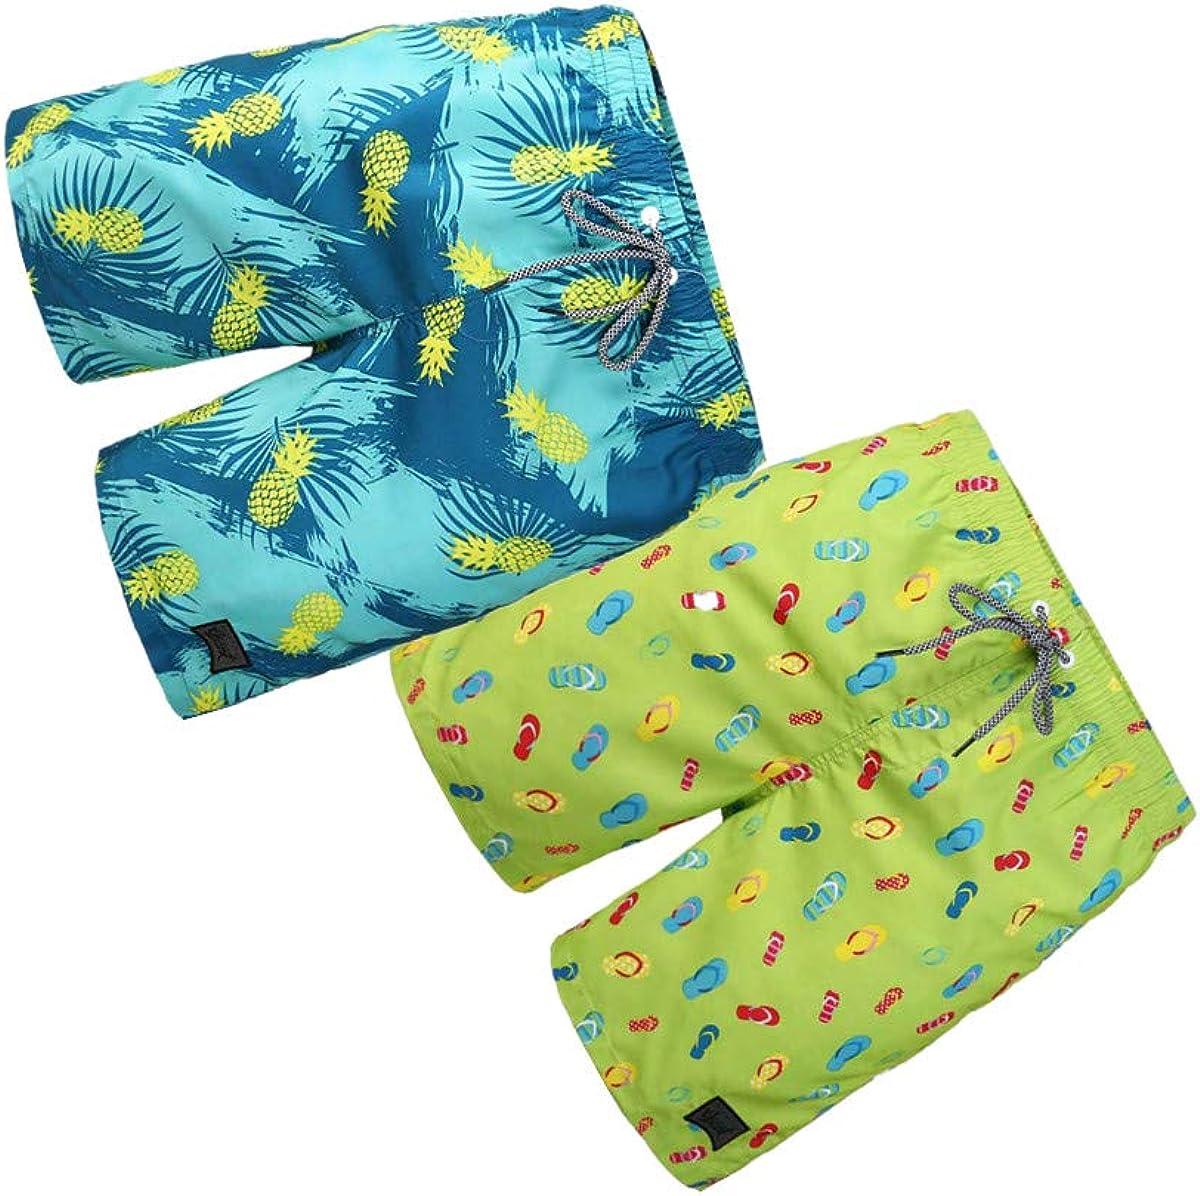 BG 2-Pcs Pack Men's Vintage Rash Guard Jamaica Floral Print Vintage Striped Texture Swim Wear